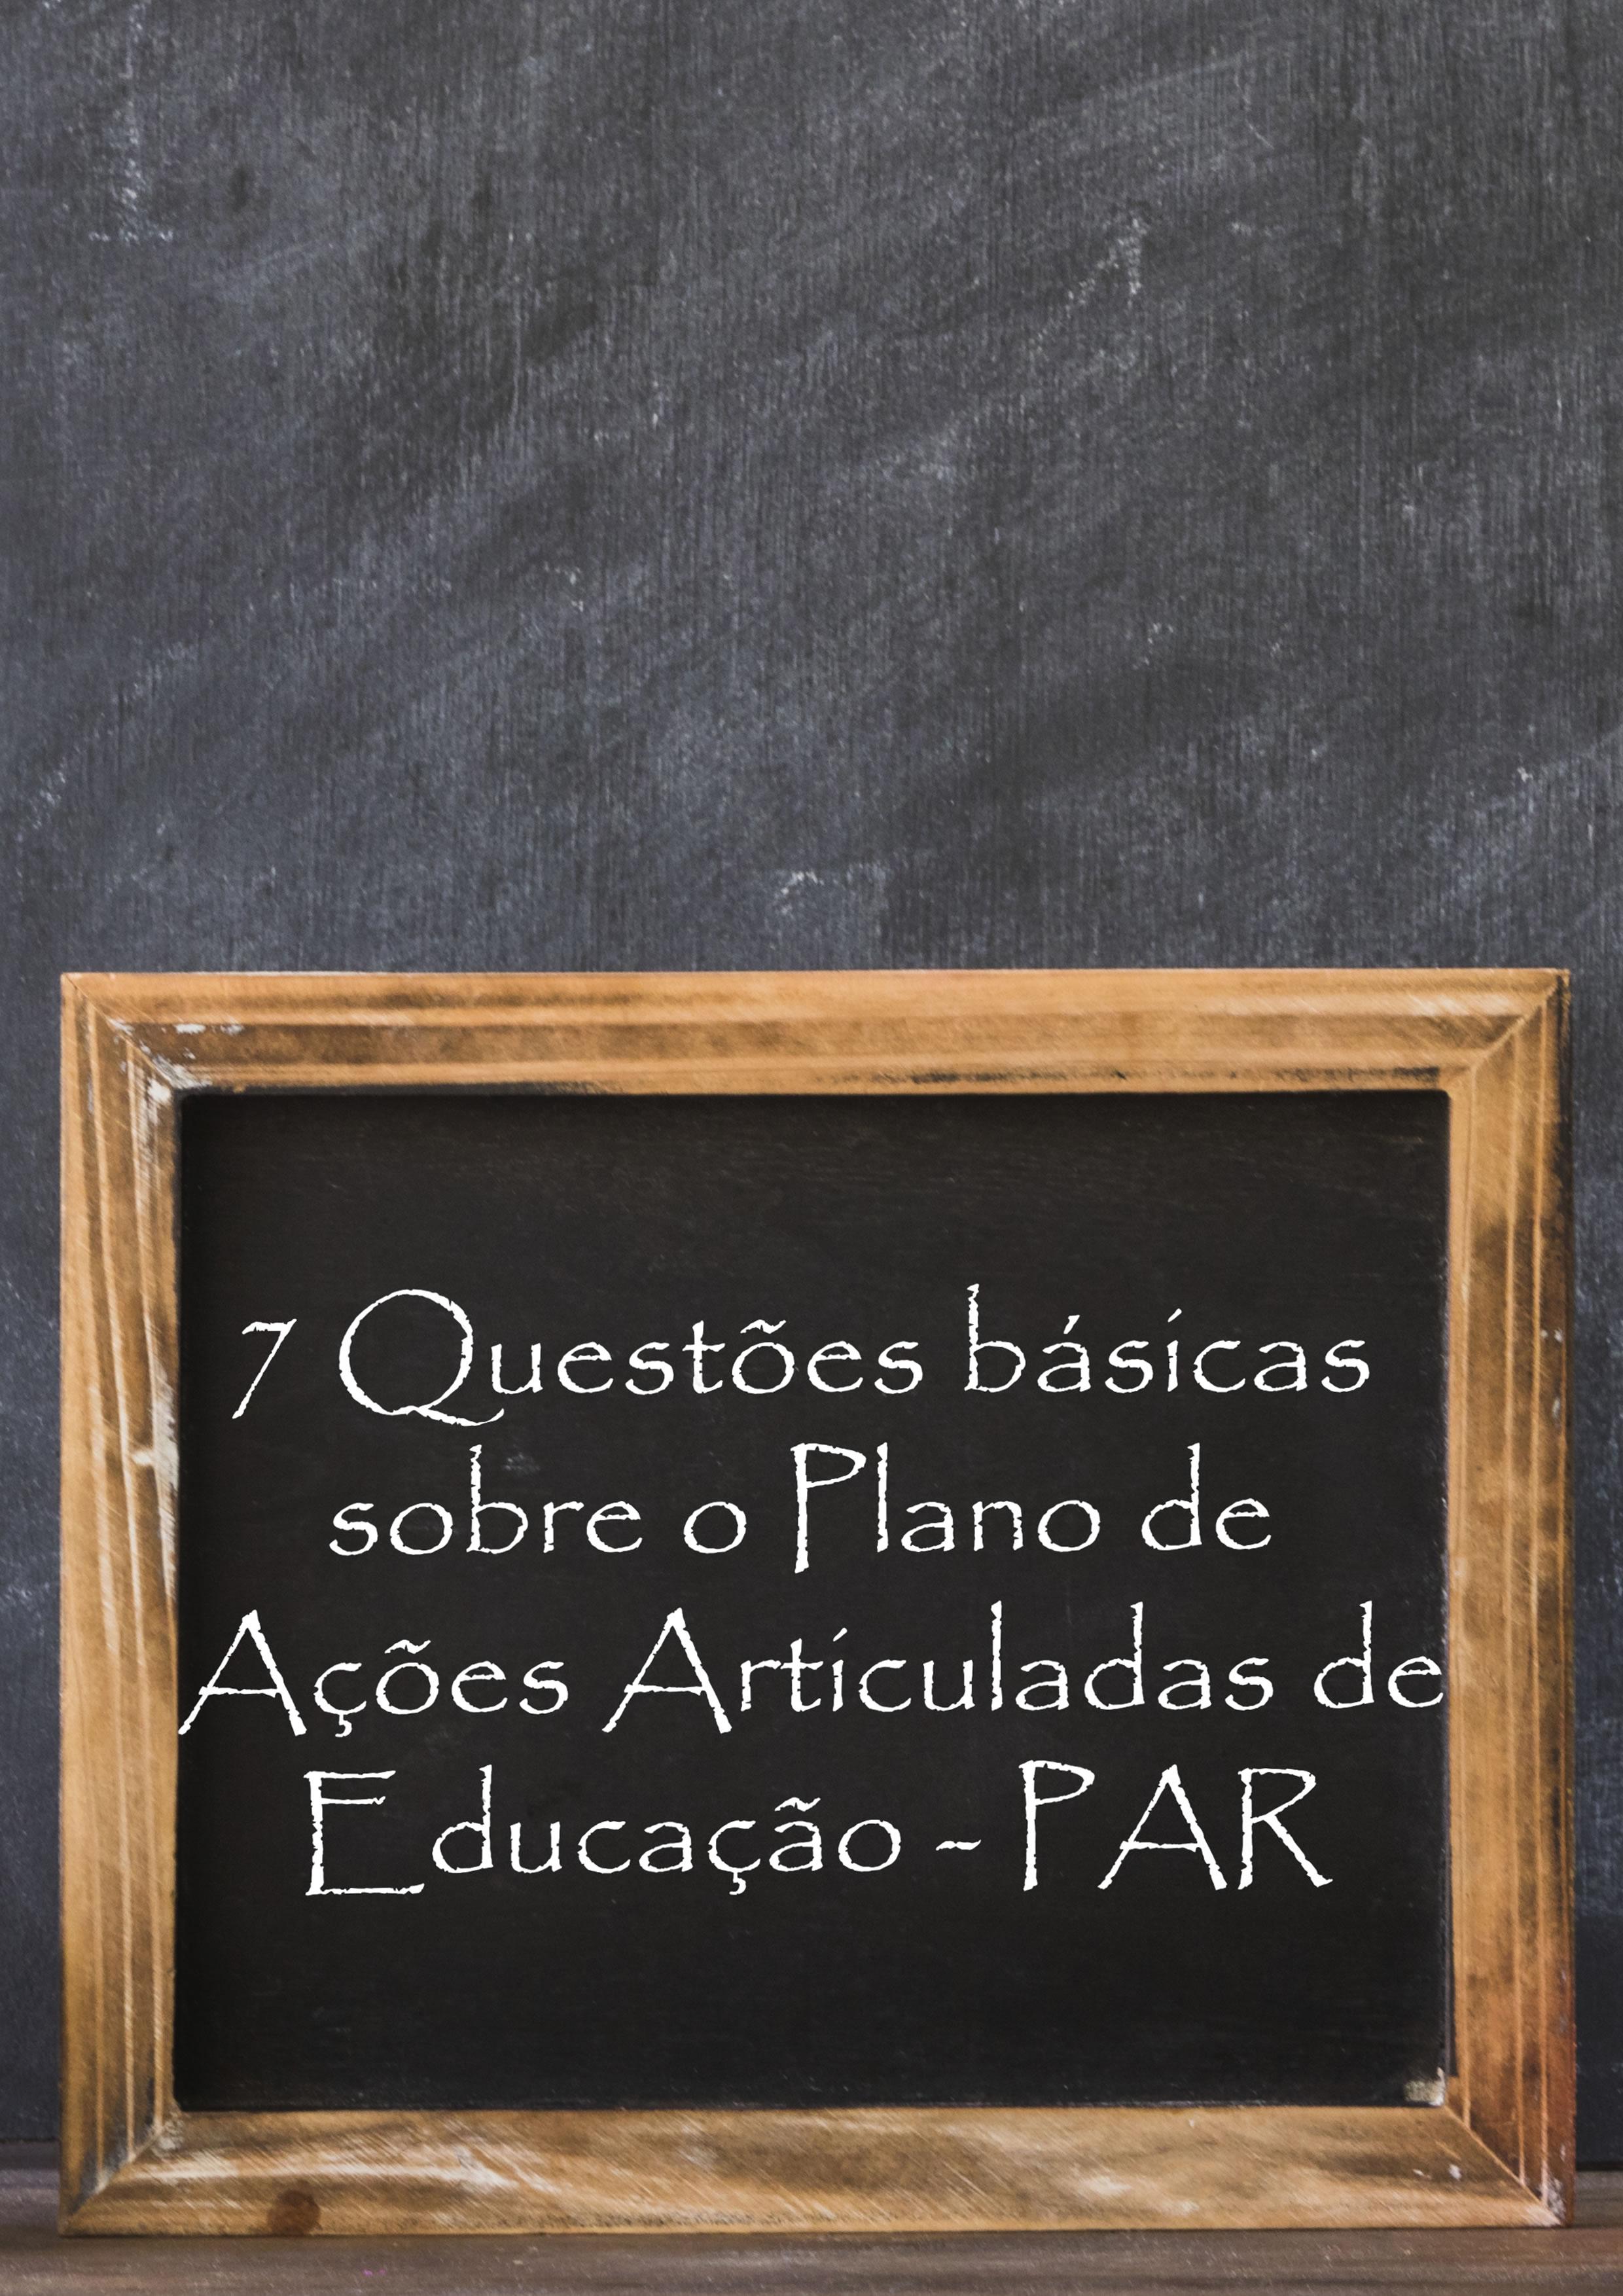 7 Questões básicas sobre o Plano de Ações Articuladas de Educação - PAR